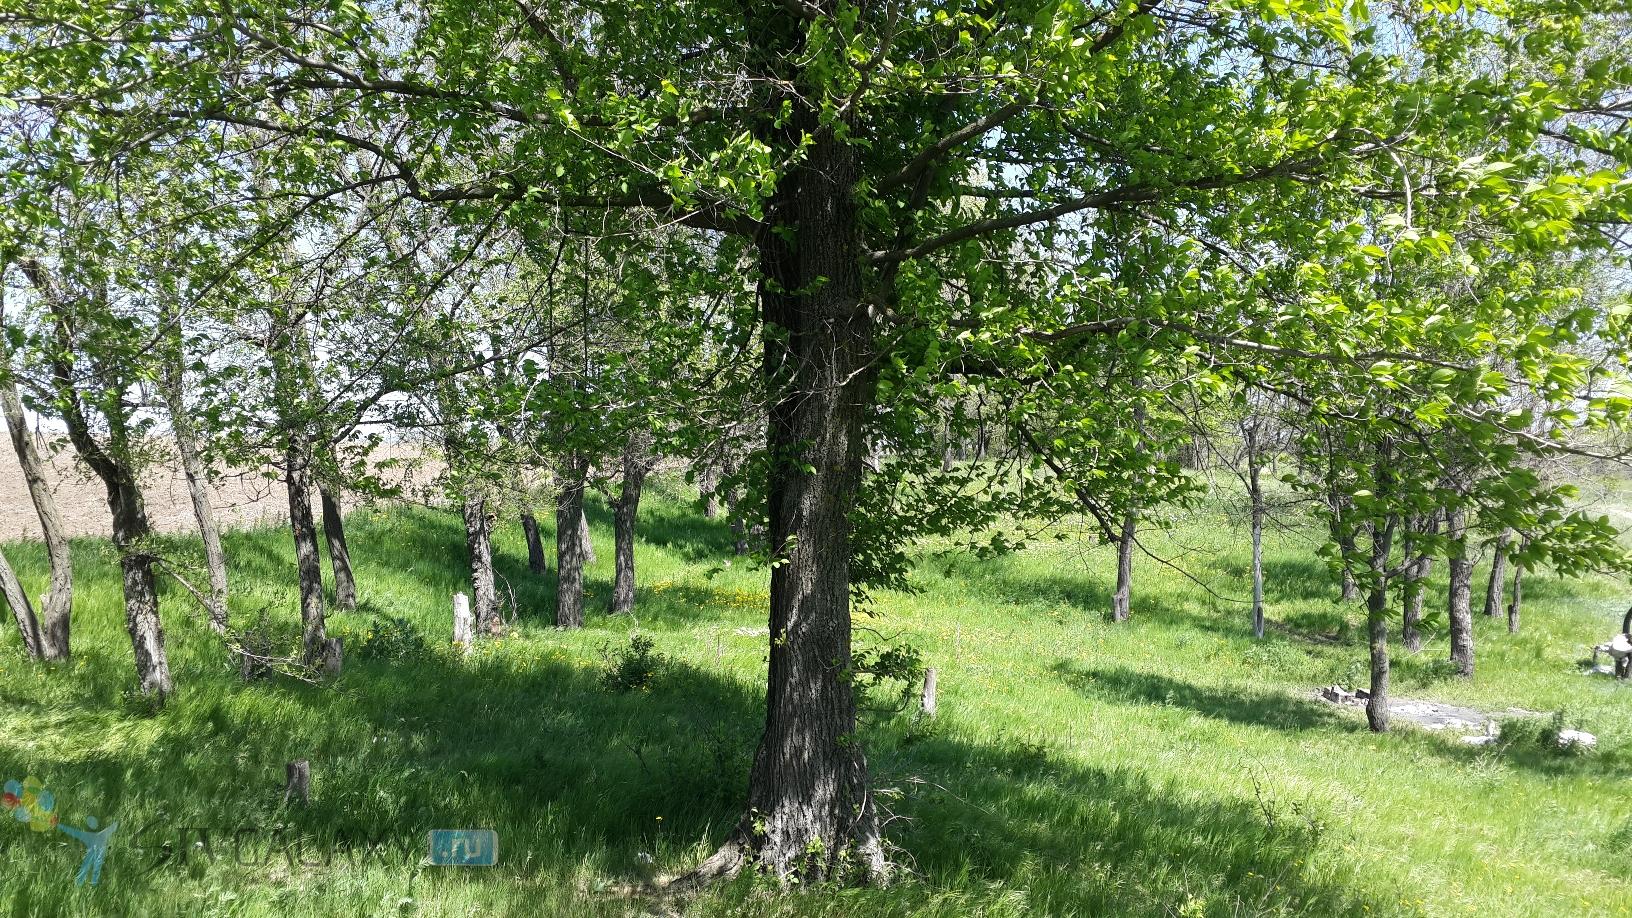 Фото с камеры Galaxy S4 - супер дерево